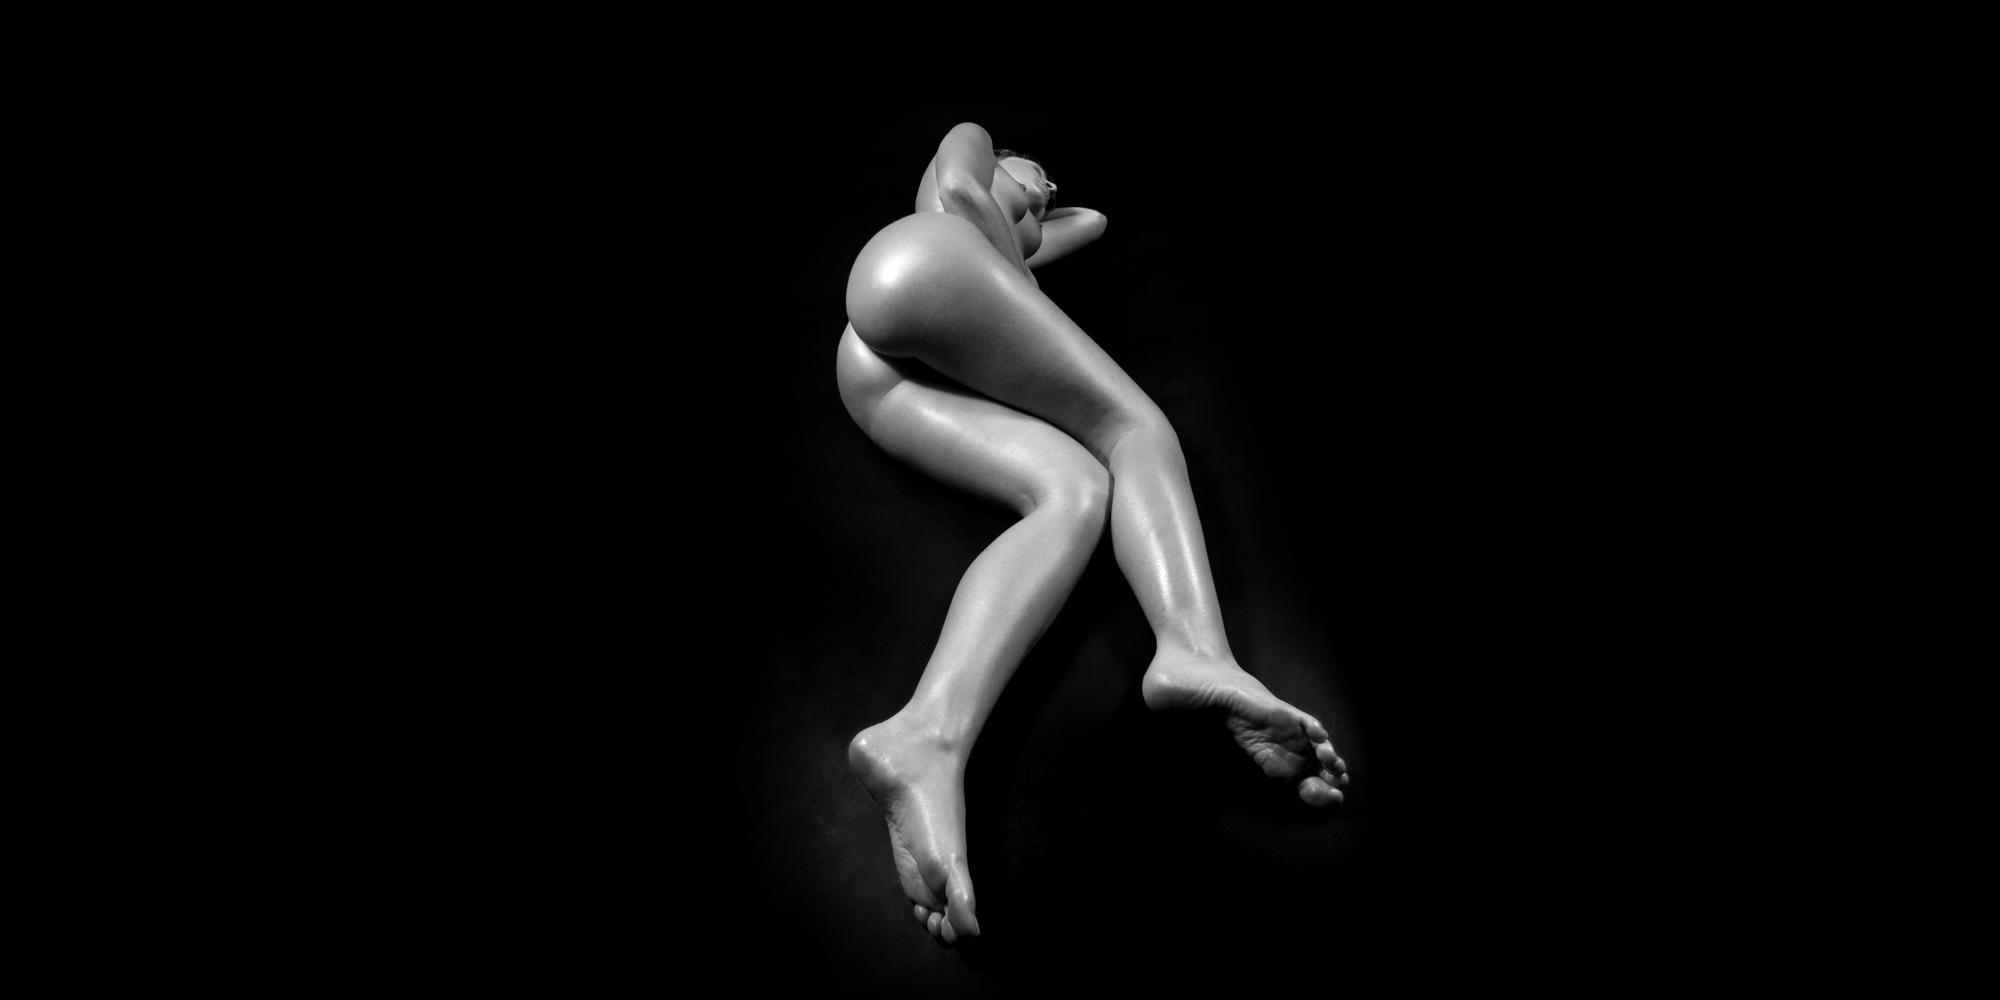 Seitliche Ansicht einer nackten, liegenden Frau in schwarz-weiß, die ihre Beine leicht angewinkelt, sie posiert für ästhetische erotische Aktfotografie.